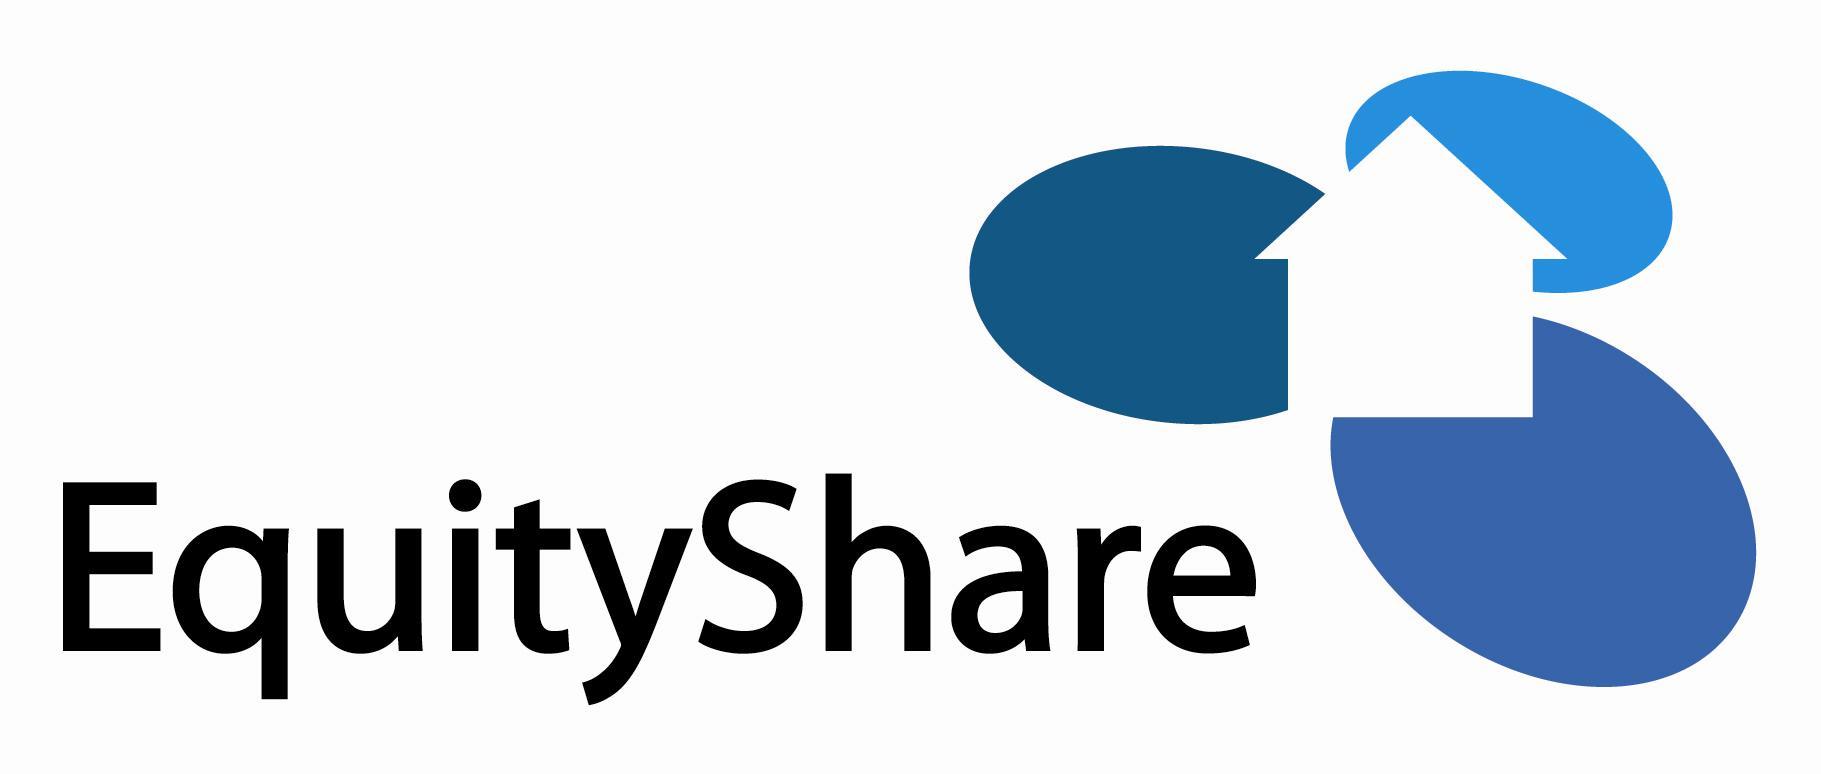 EquityShare